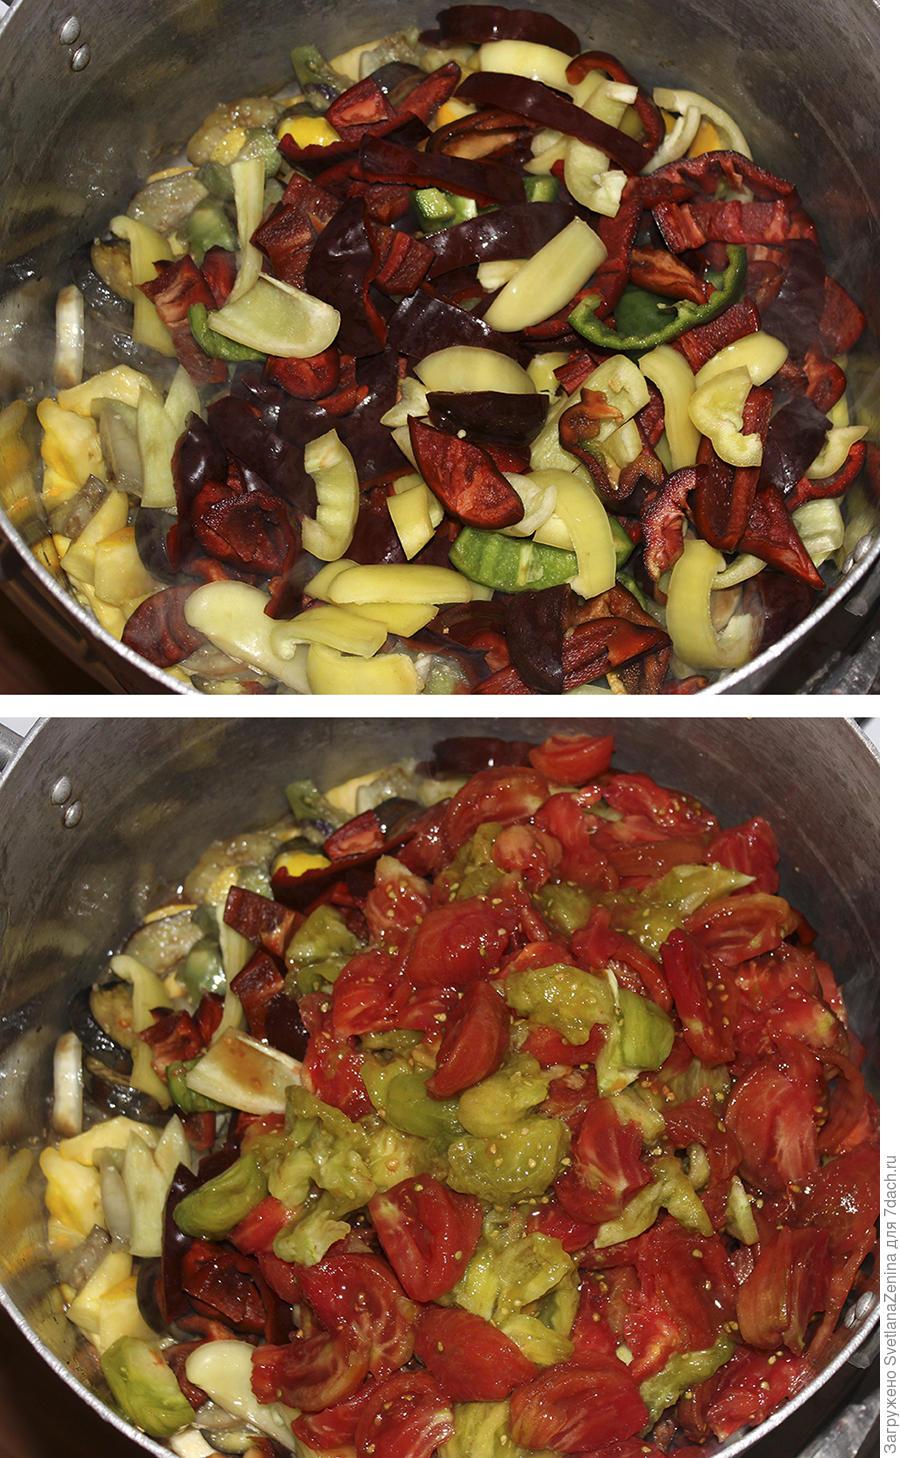 Лечо из сладкого перца с баклажанами и патиссонами. Пошаговый рецепт заготовки на зиму с фото.